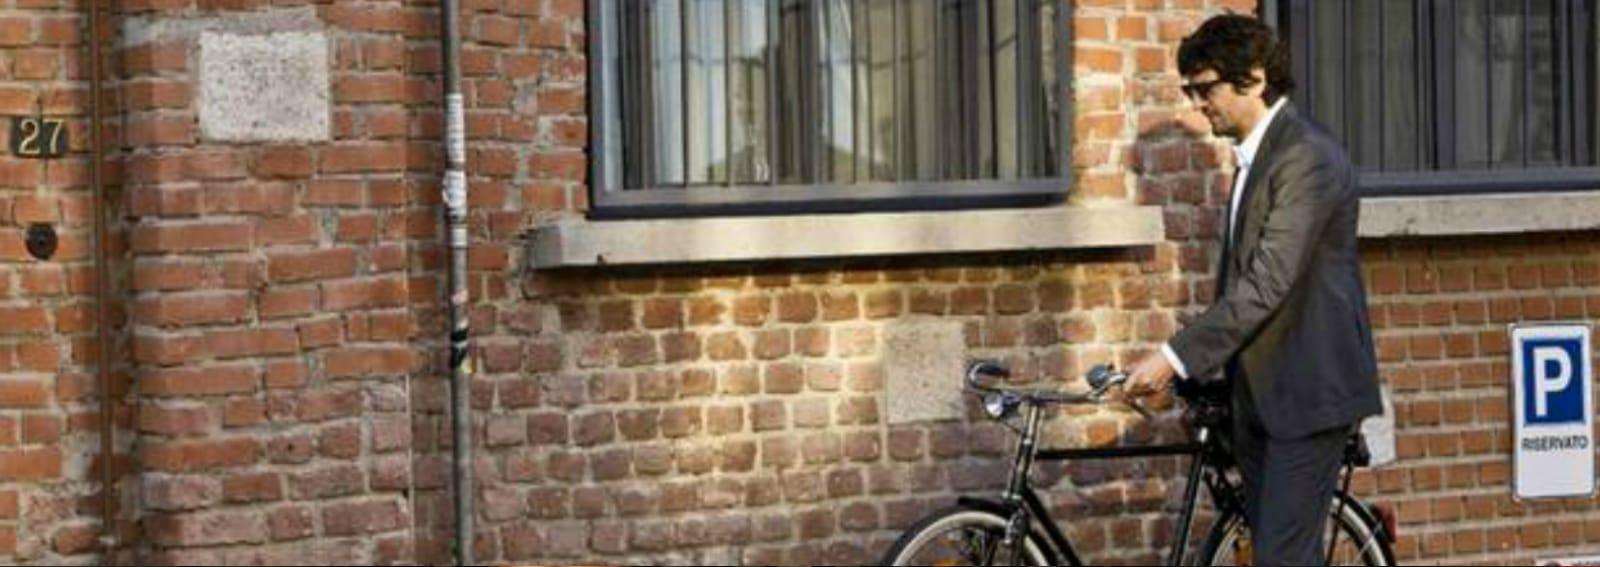 cover salone bicicletta desktop